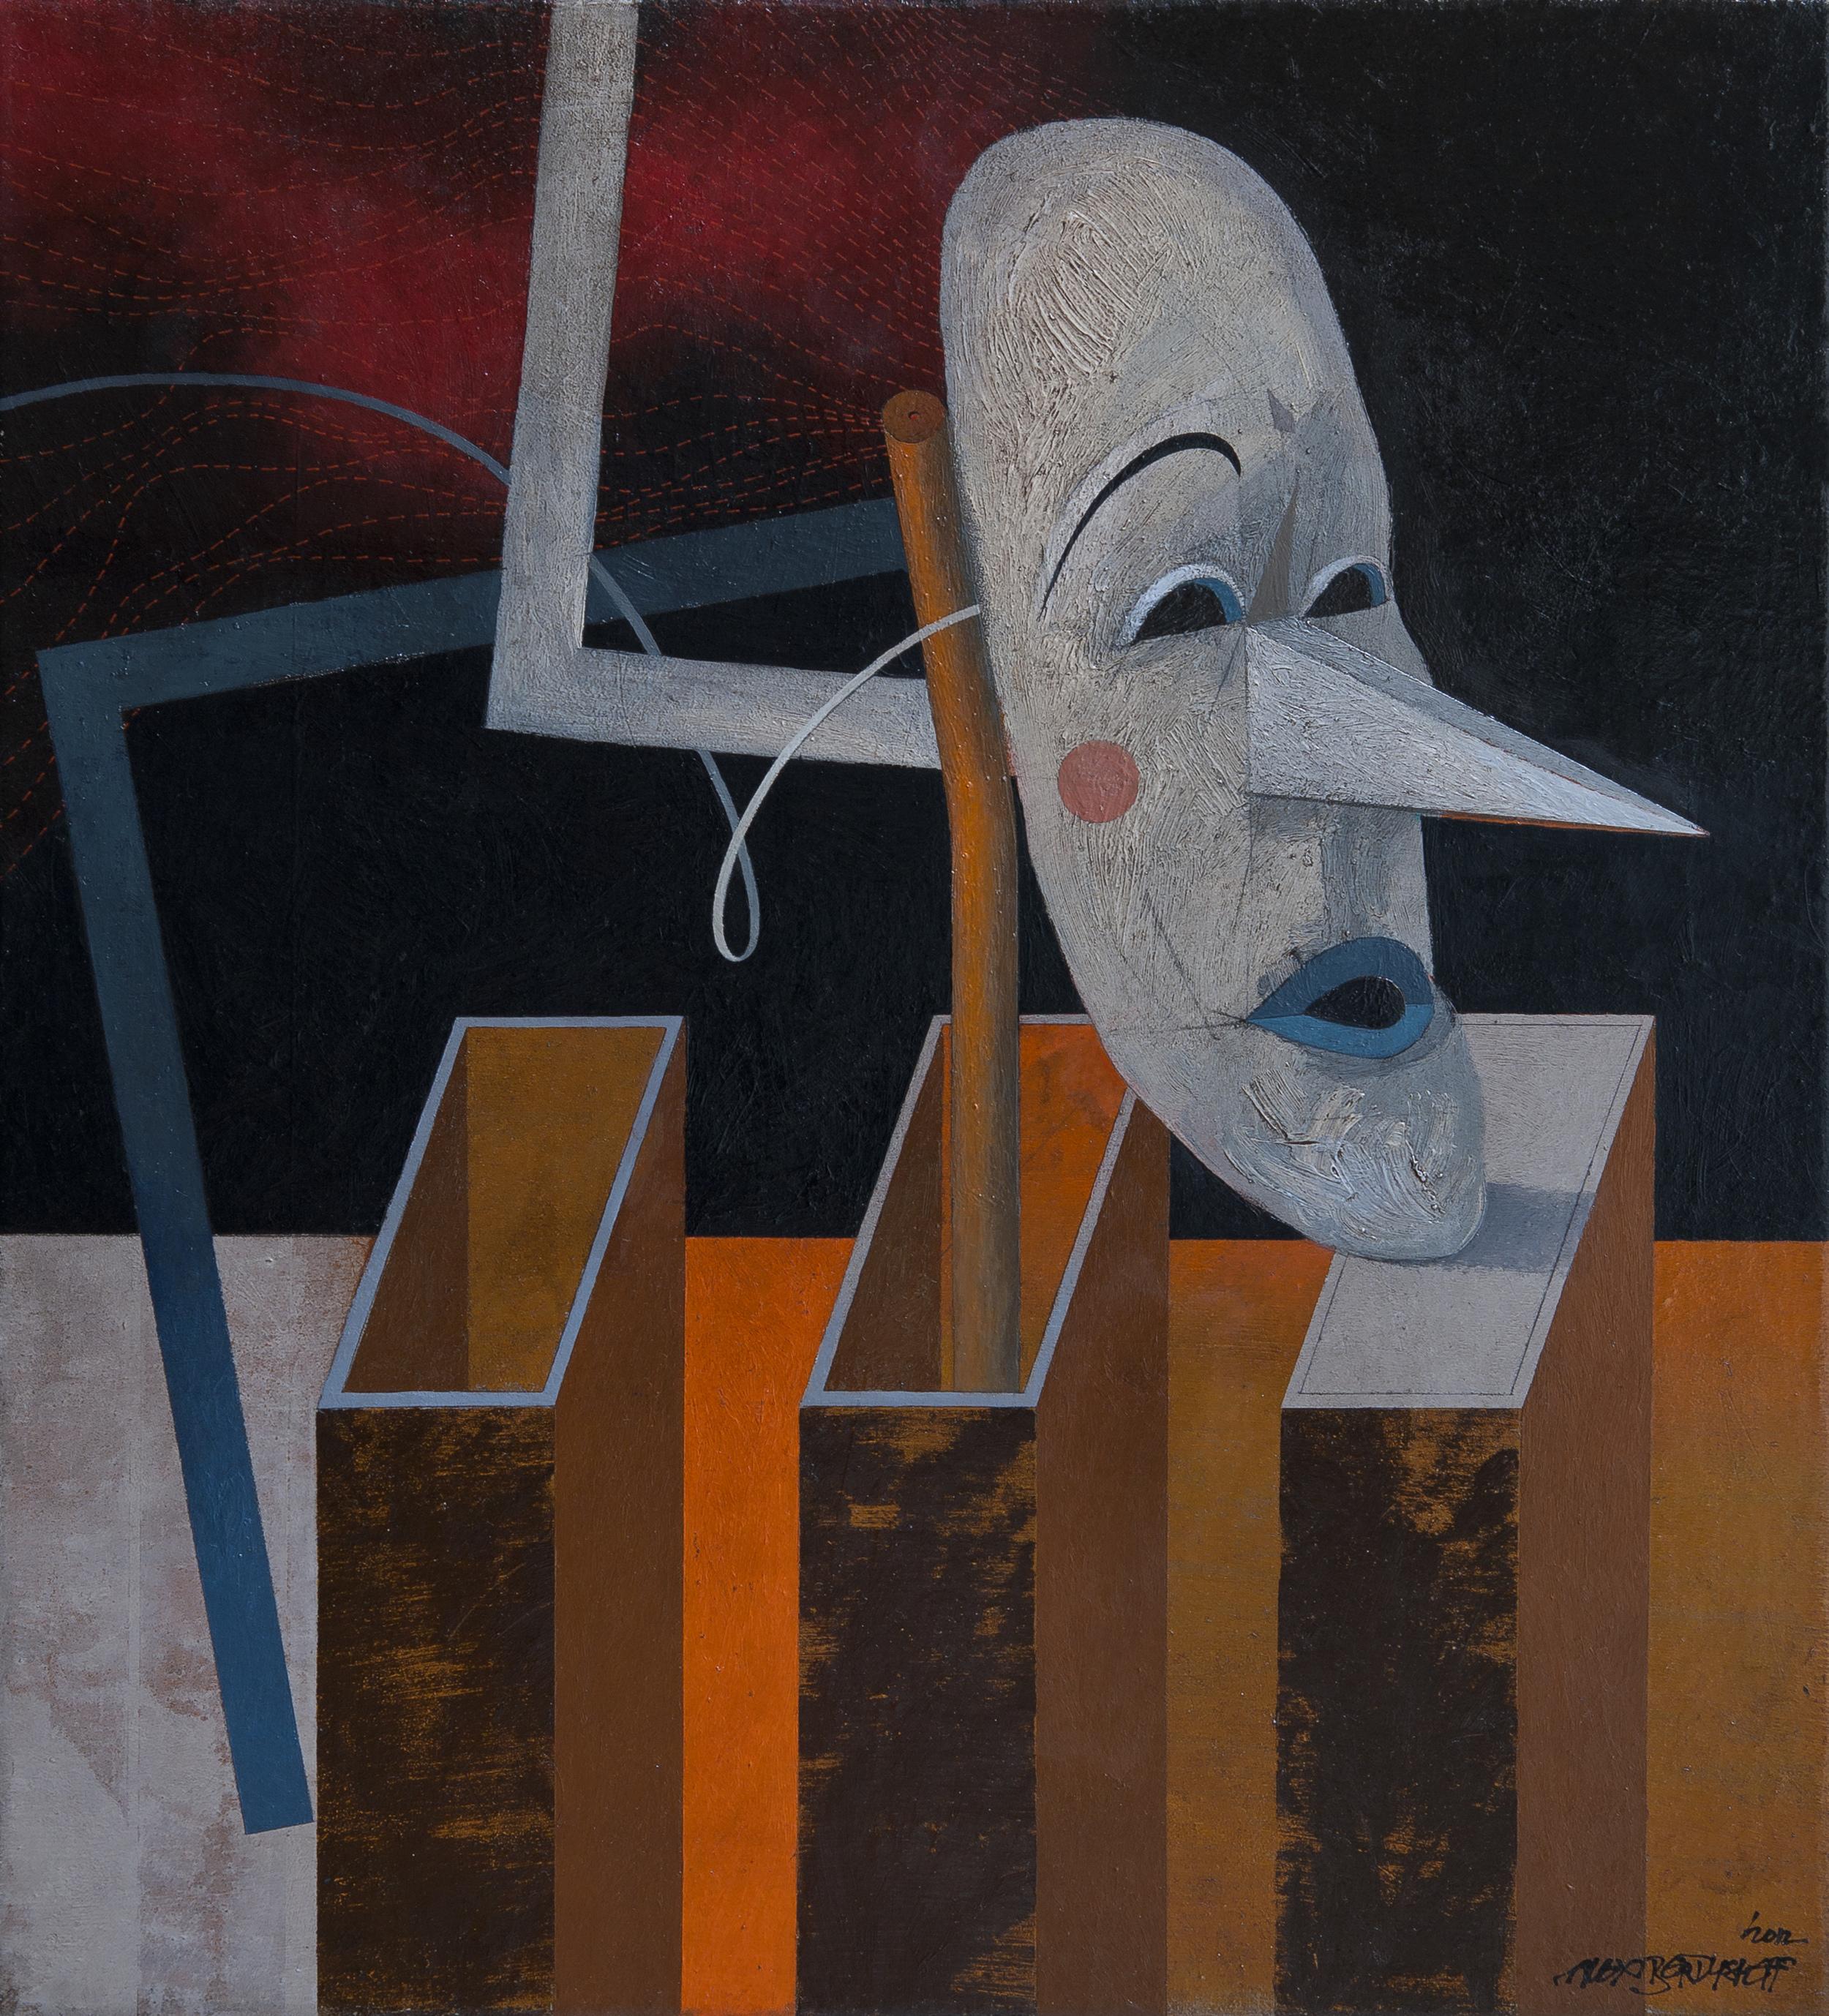 Rehearsal, oil on canvas, 60x55 cm, 2012